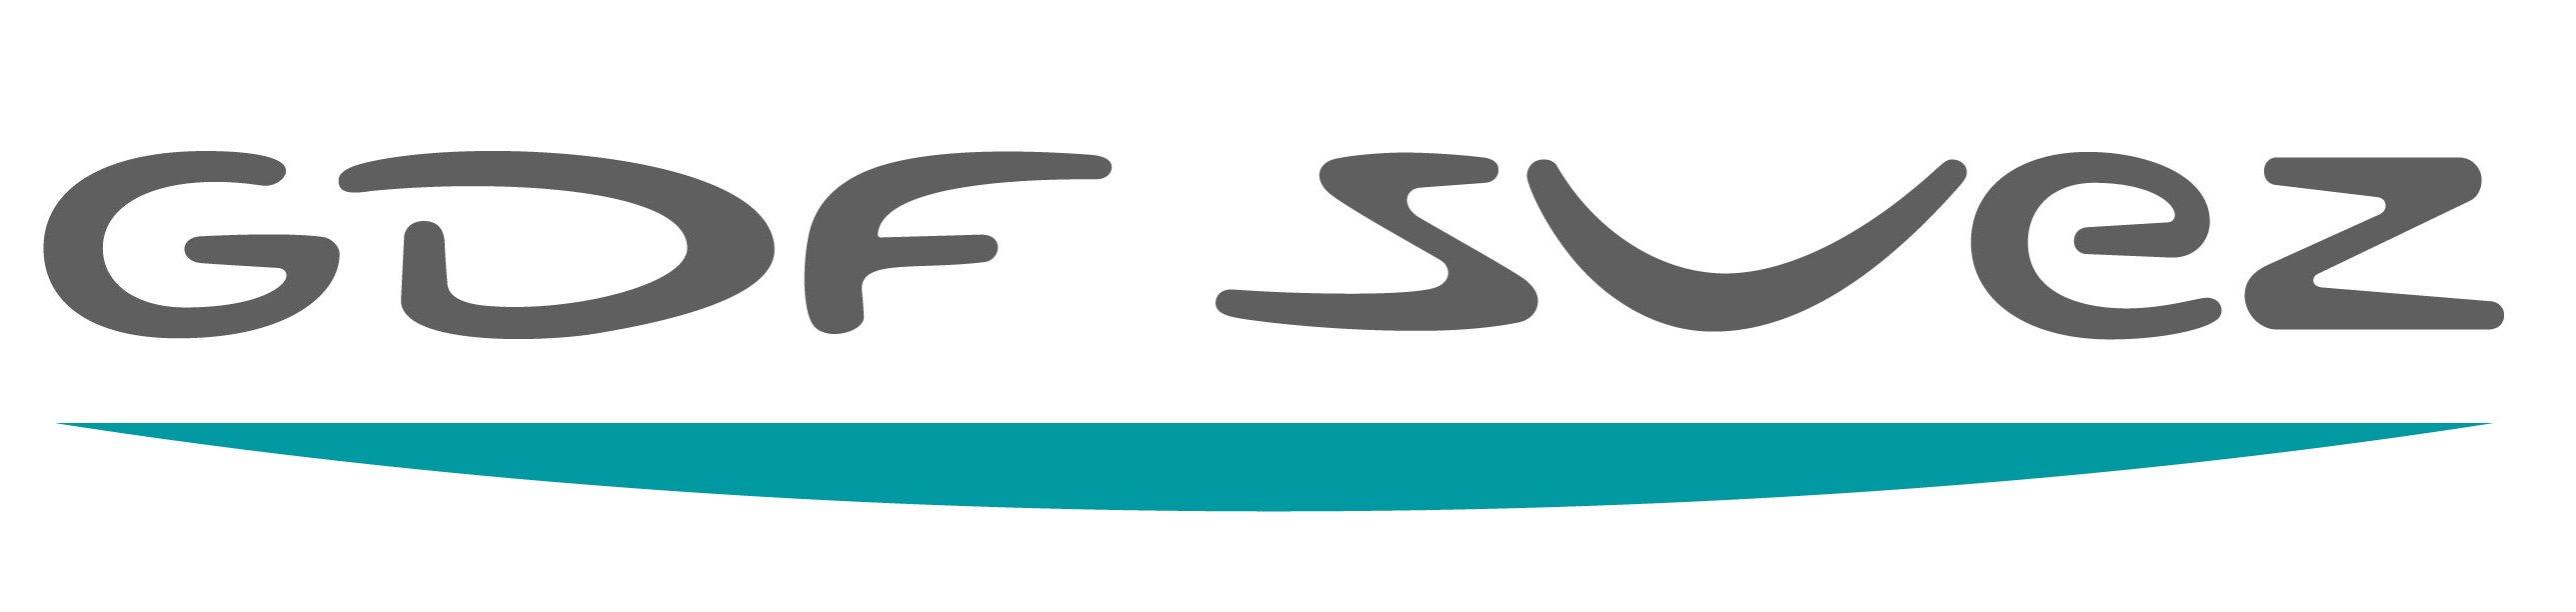 gdf_suez_small_logo.jpg